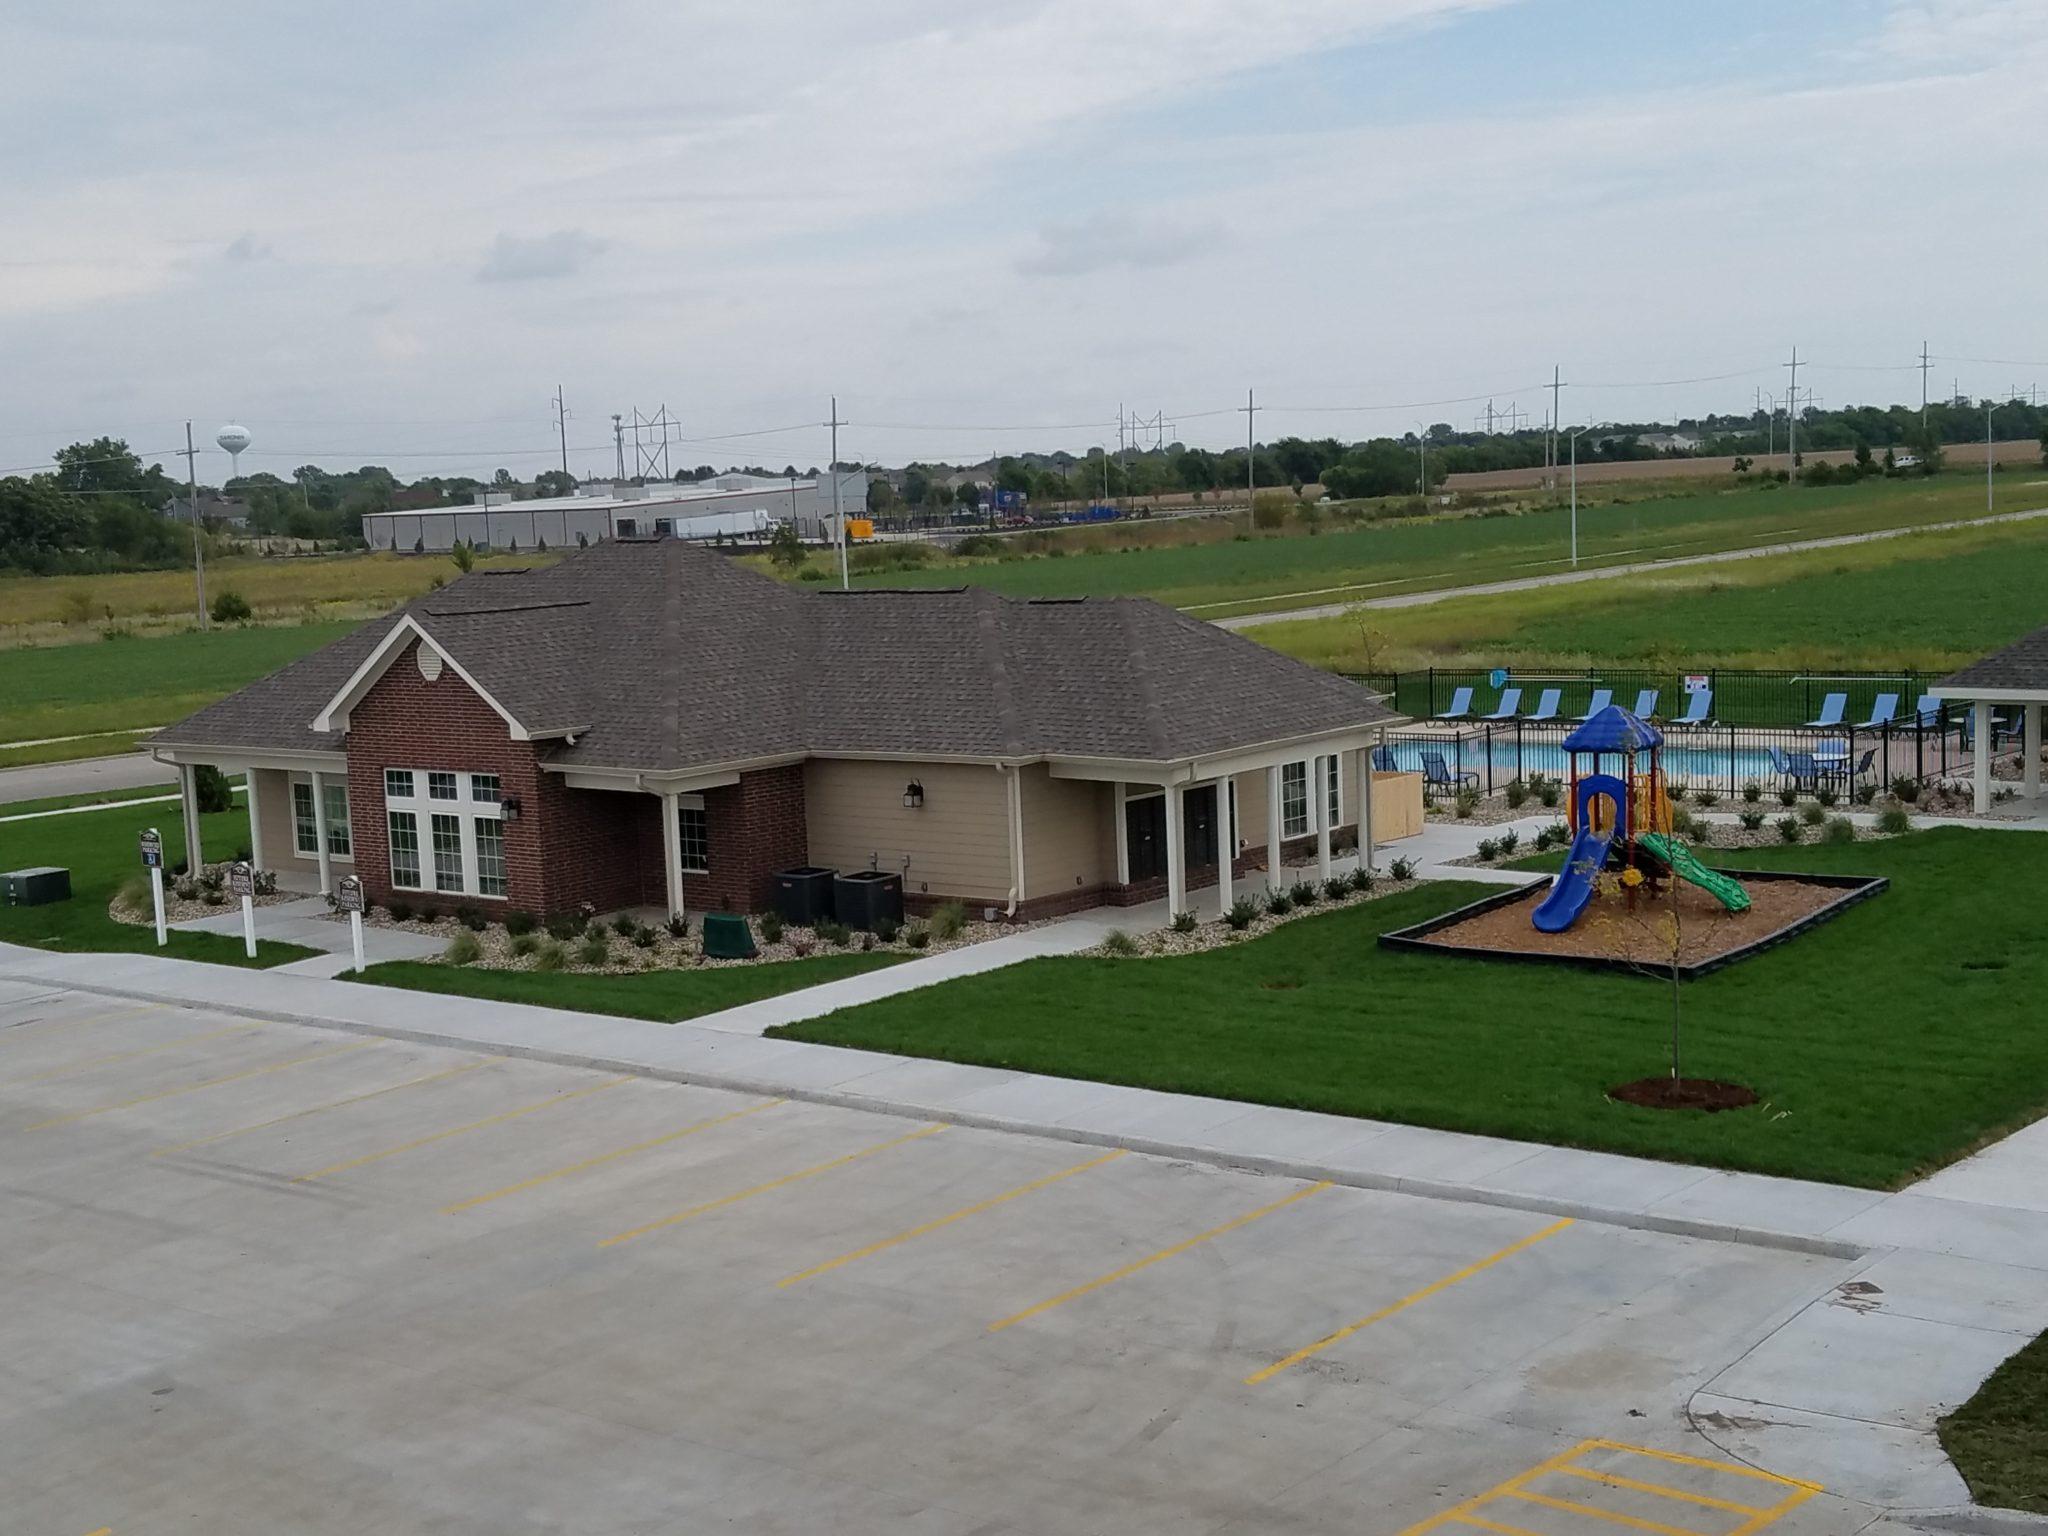 Nottingham Village Gardner KS community center